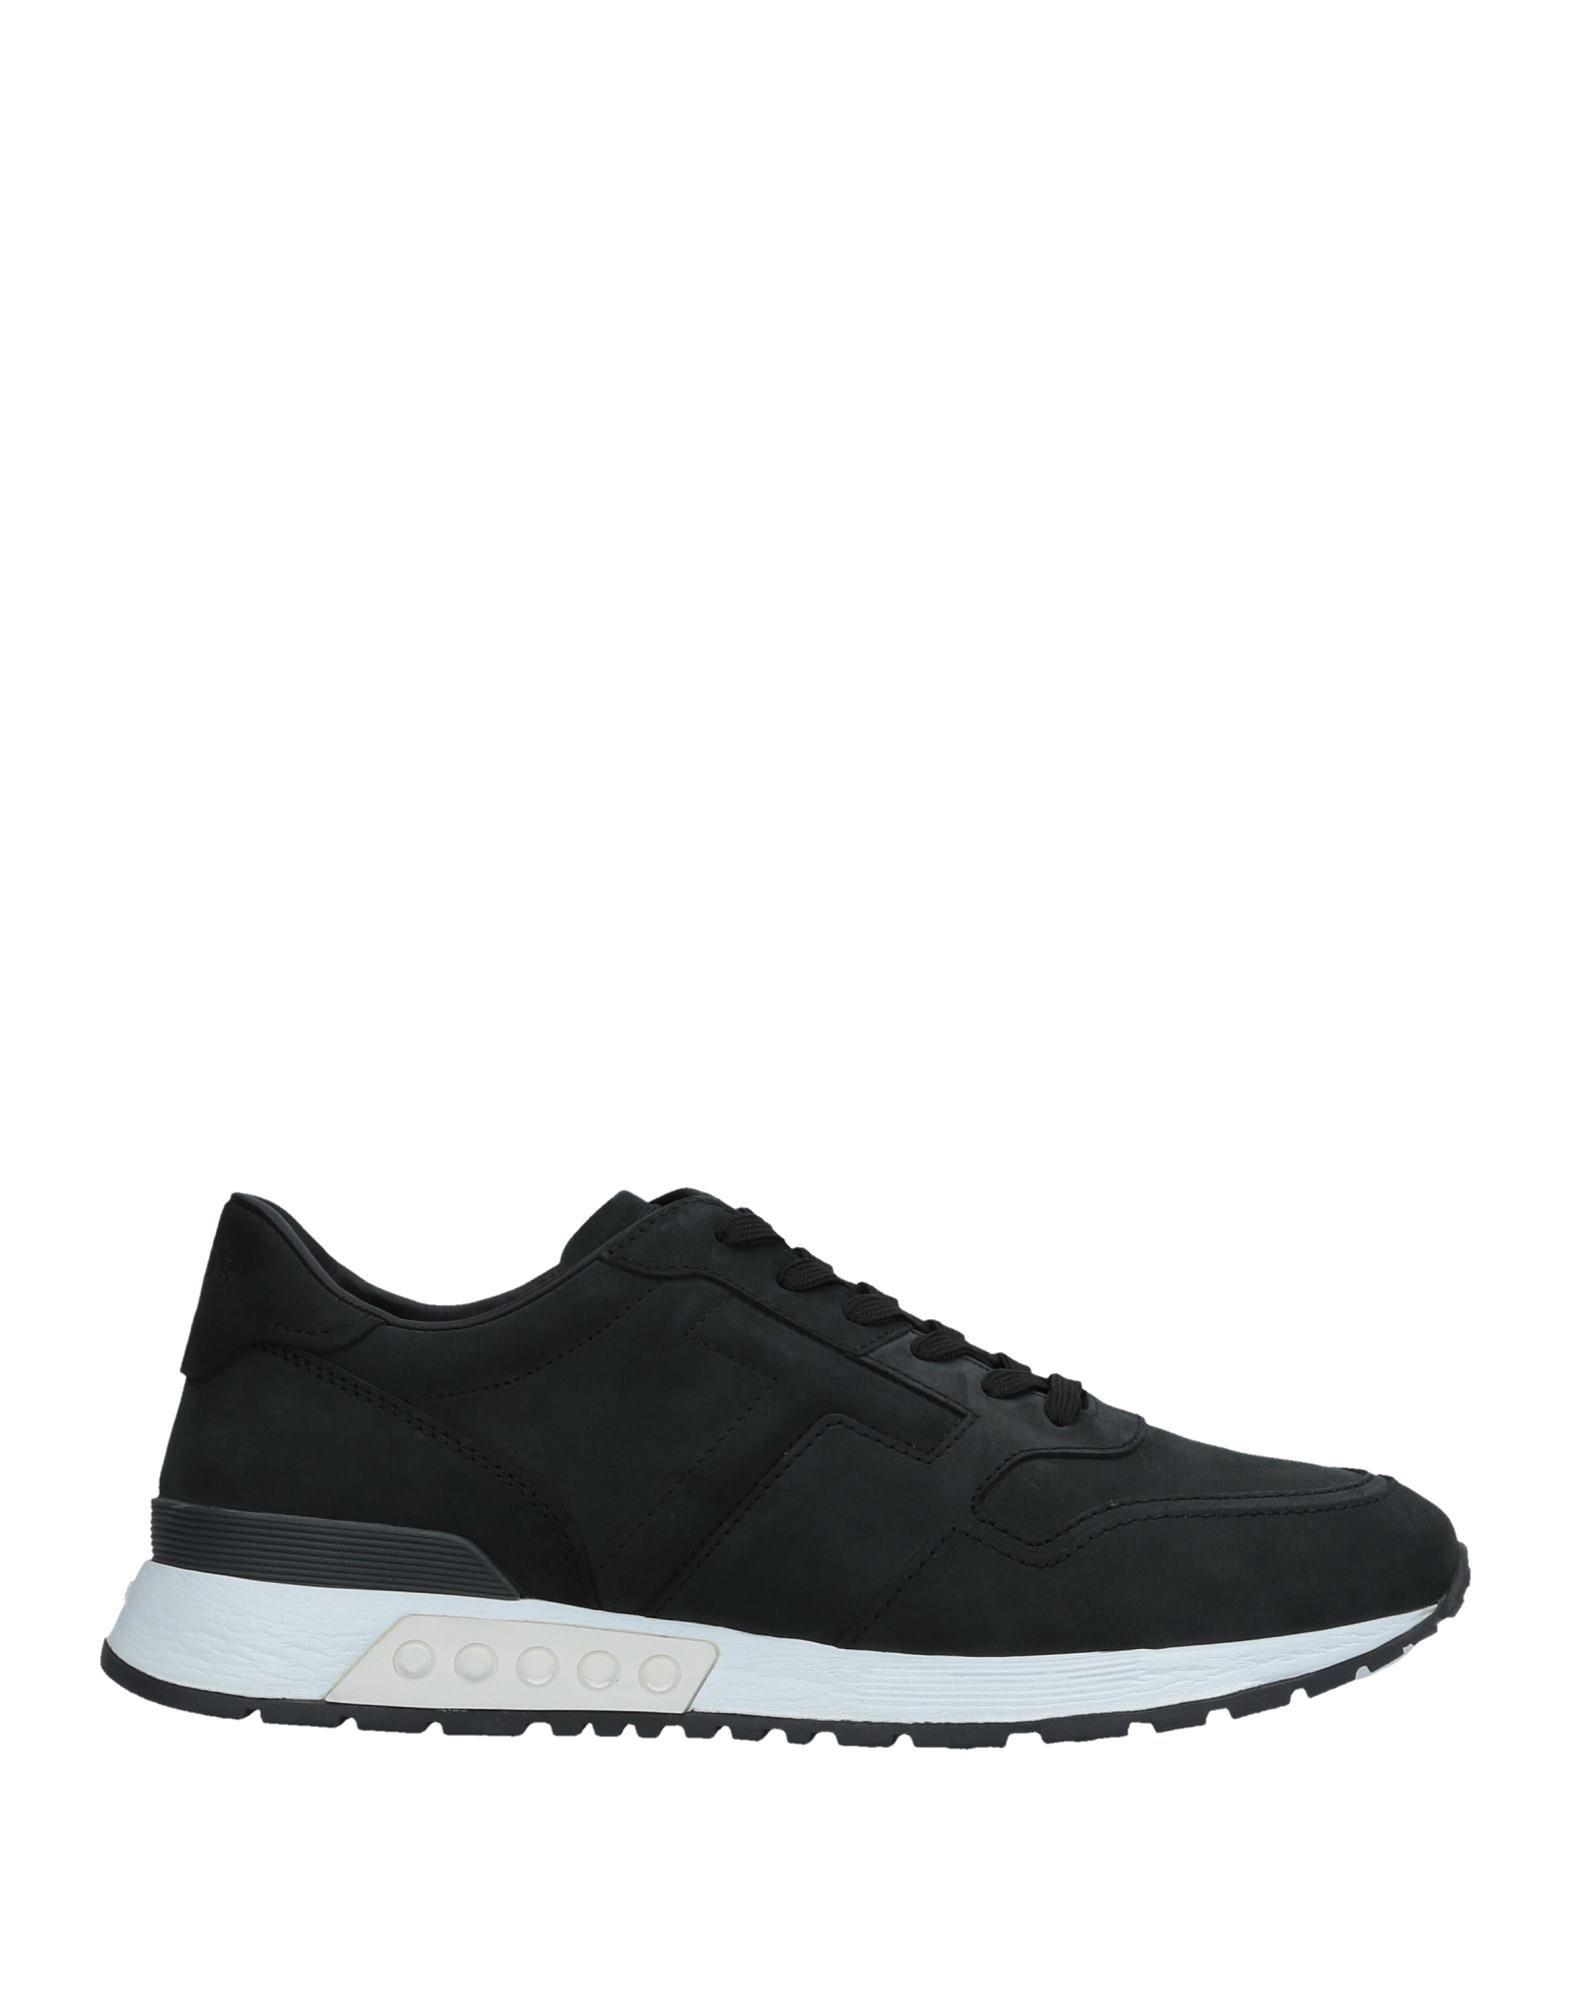 Tod's Sneakers Herren Herren Sneakers  11508134XP 6a1082